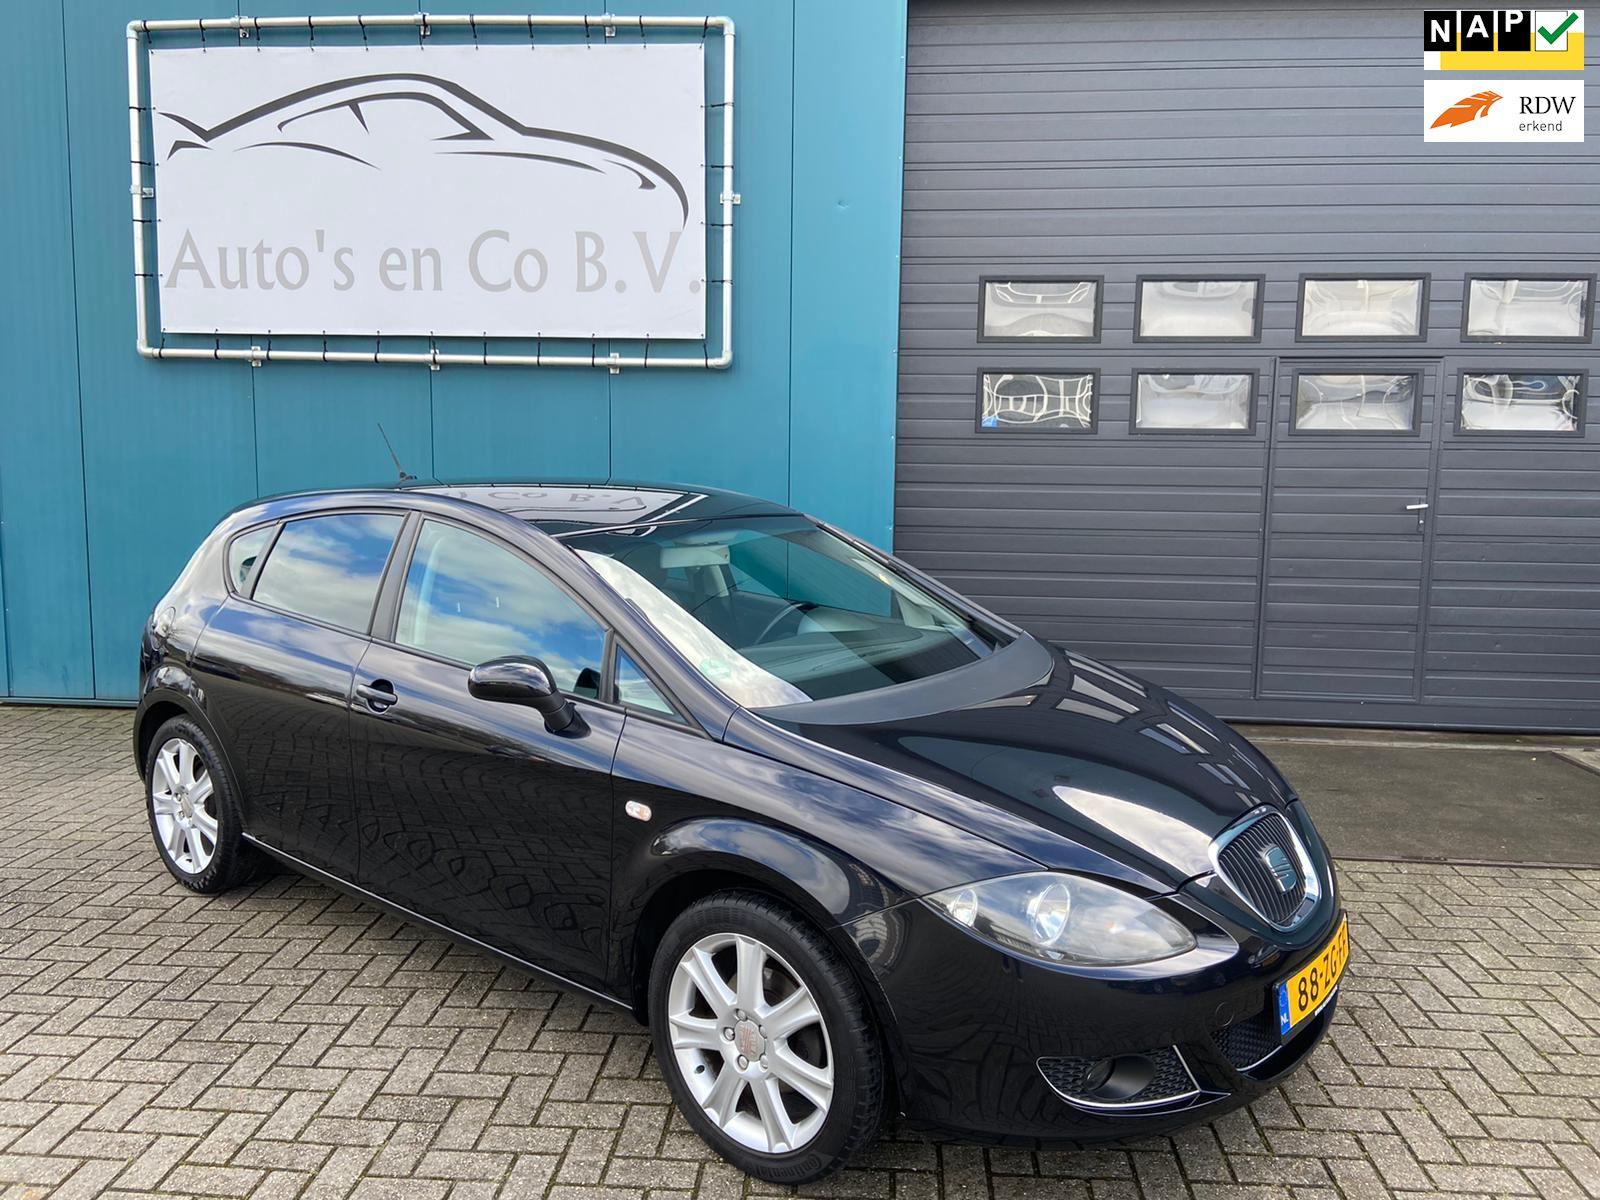 Seat Leon occasion - Auto's en Co B.V.